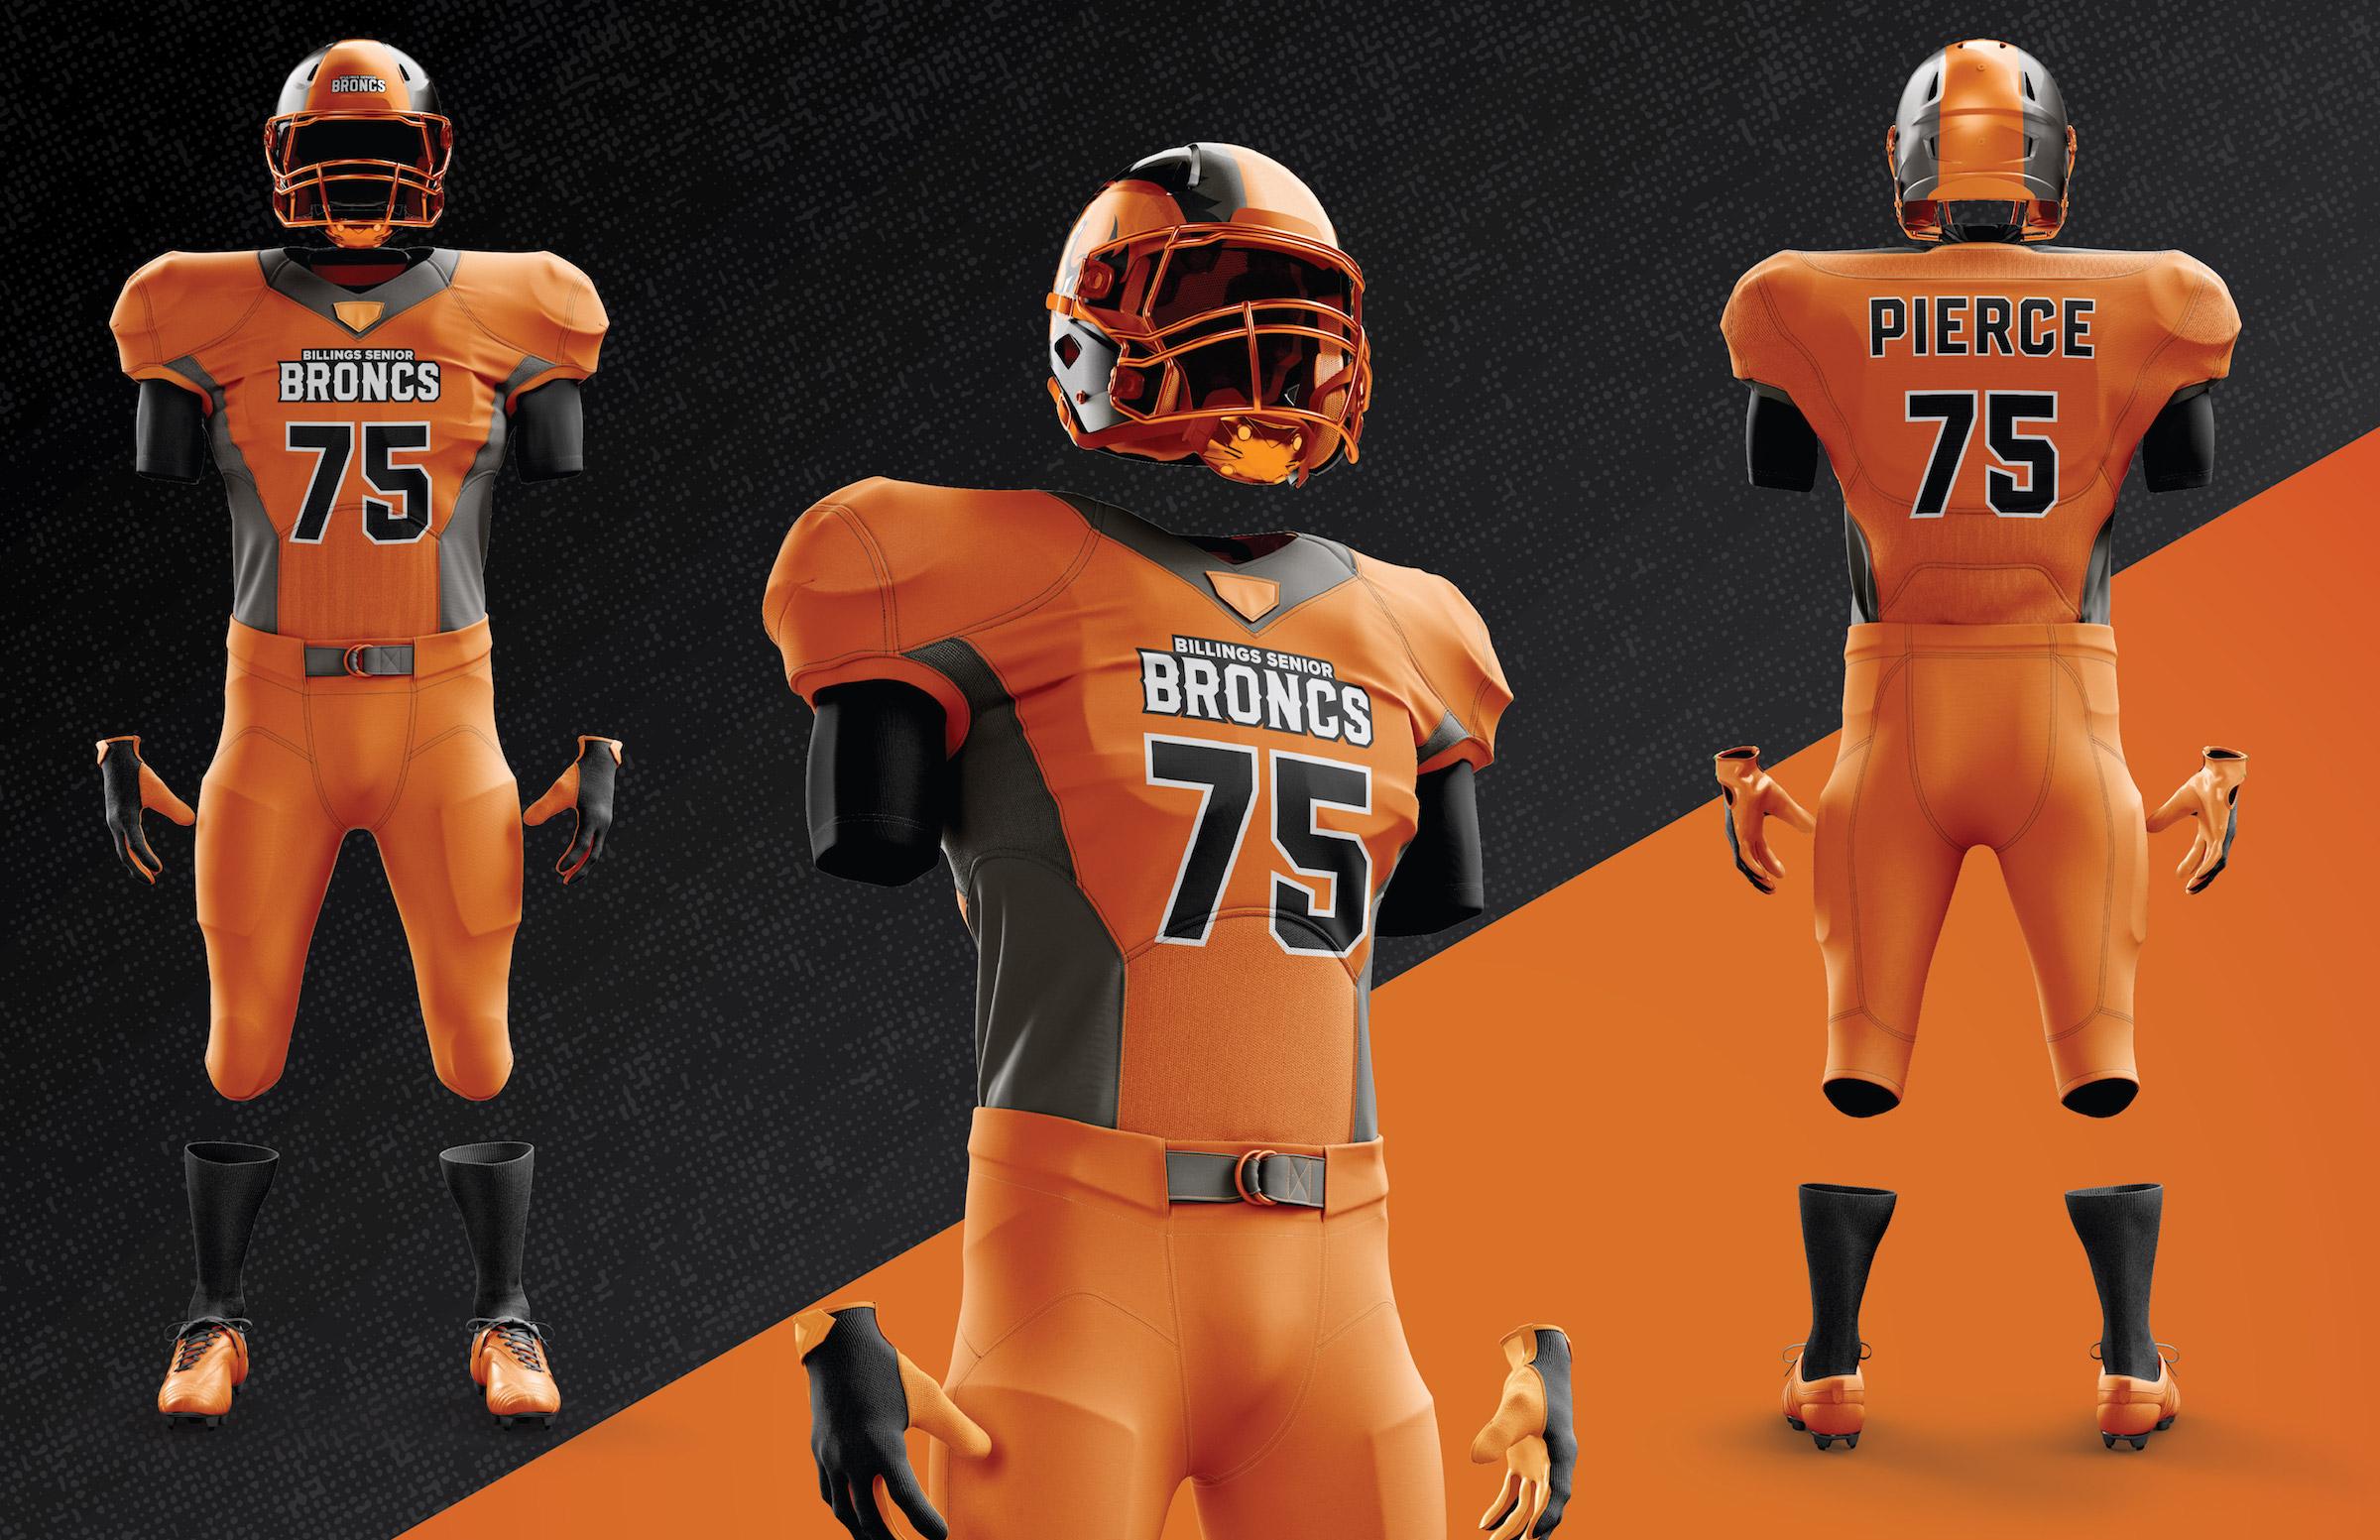 Broncs Uniform